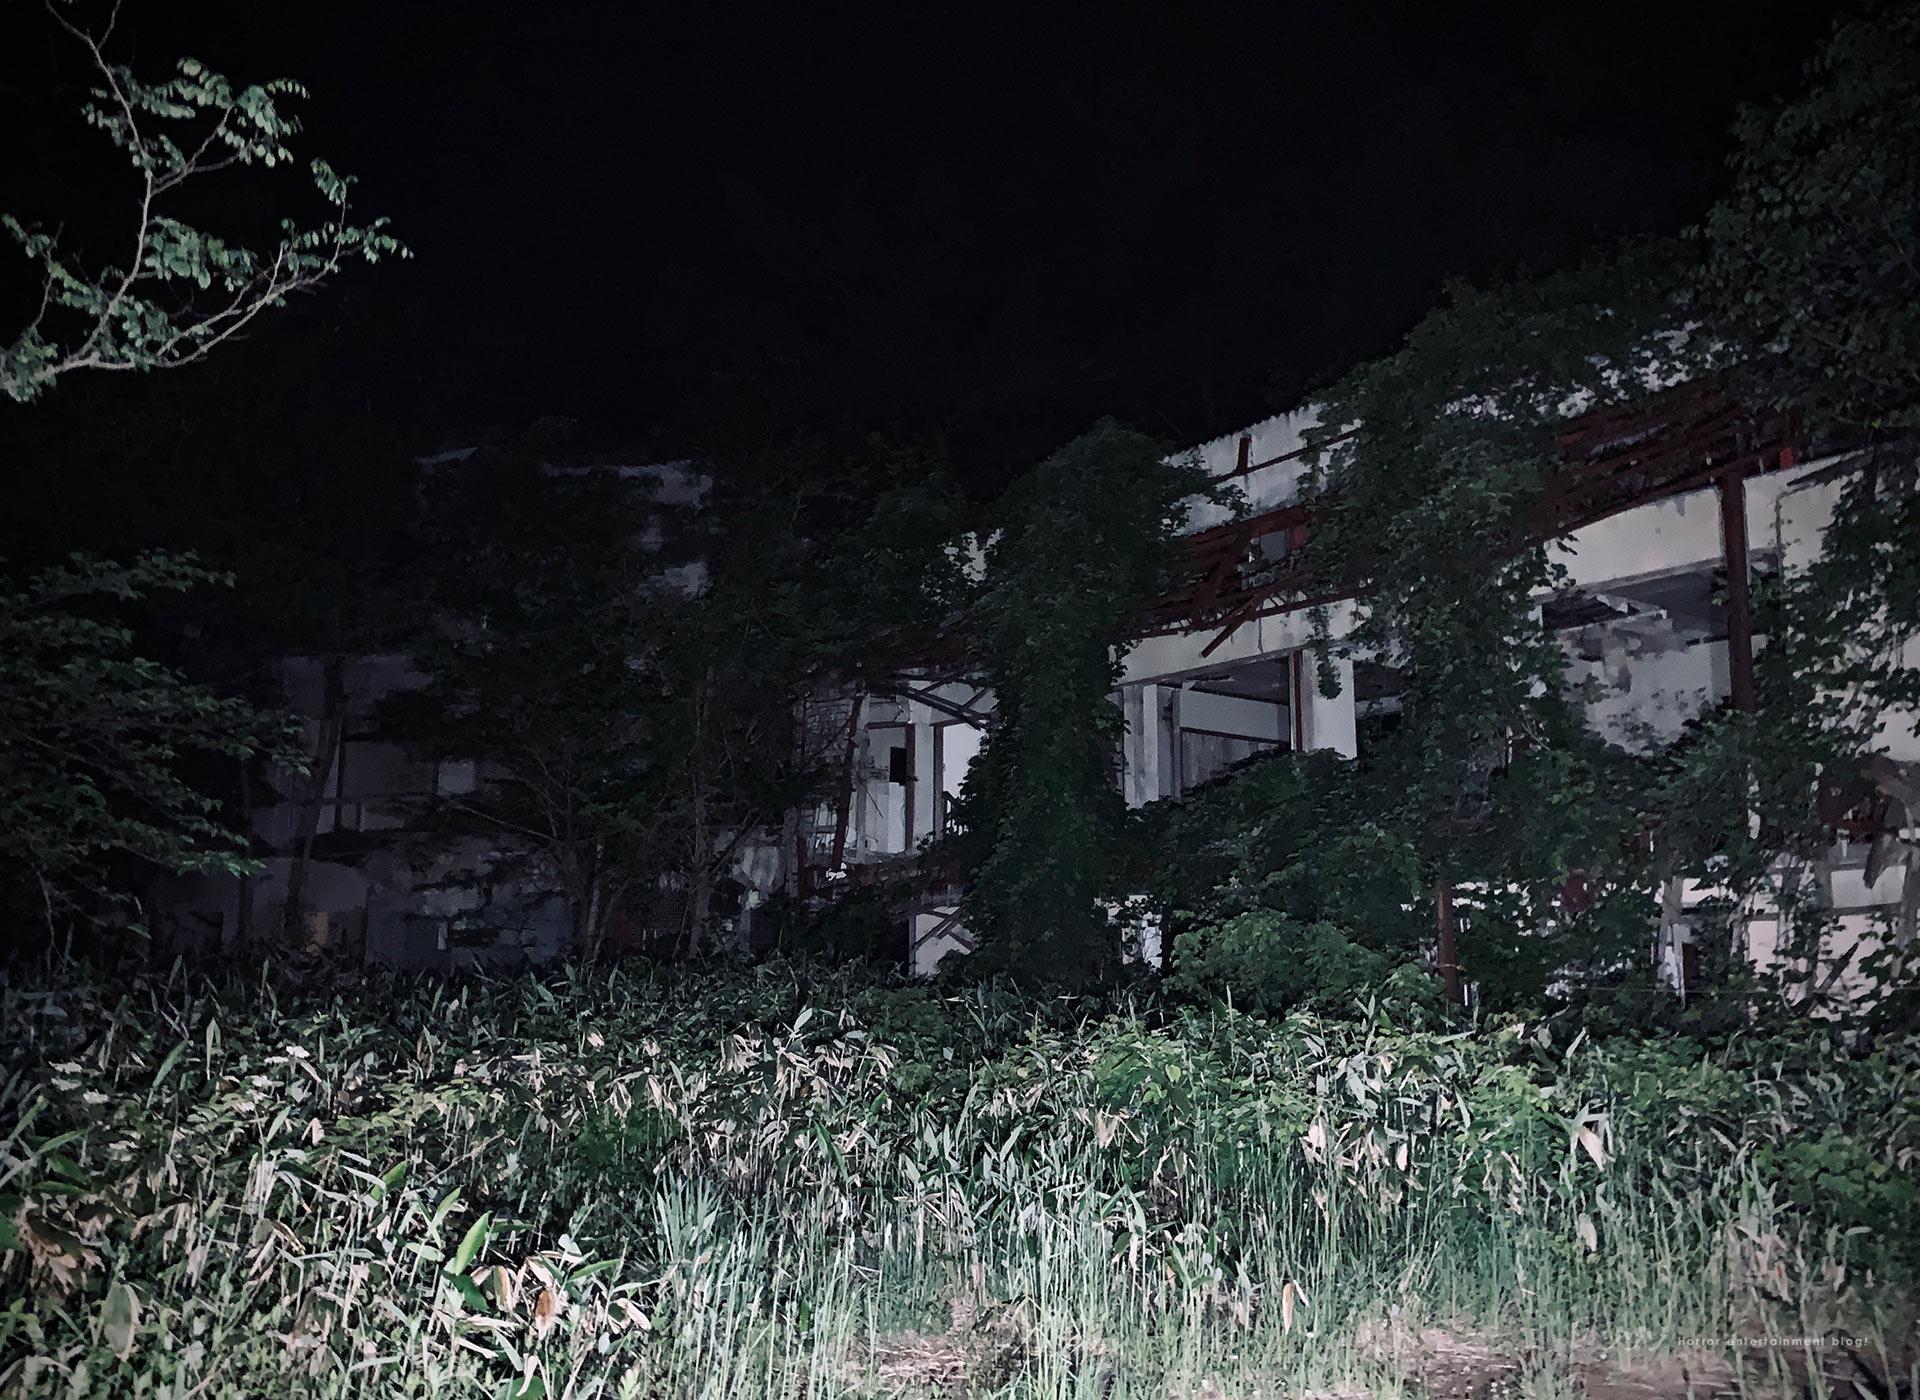 【シリーズ・心霊スポット】ホテルニュー鳴子